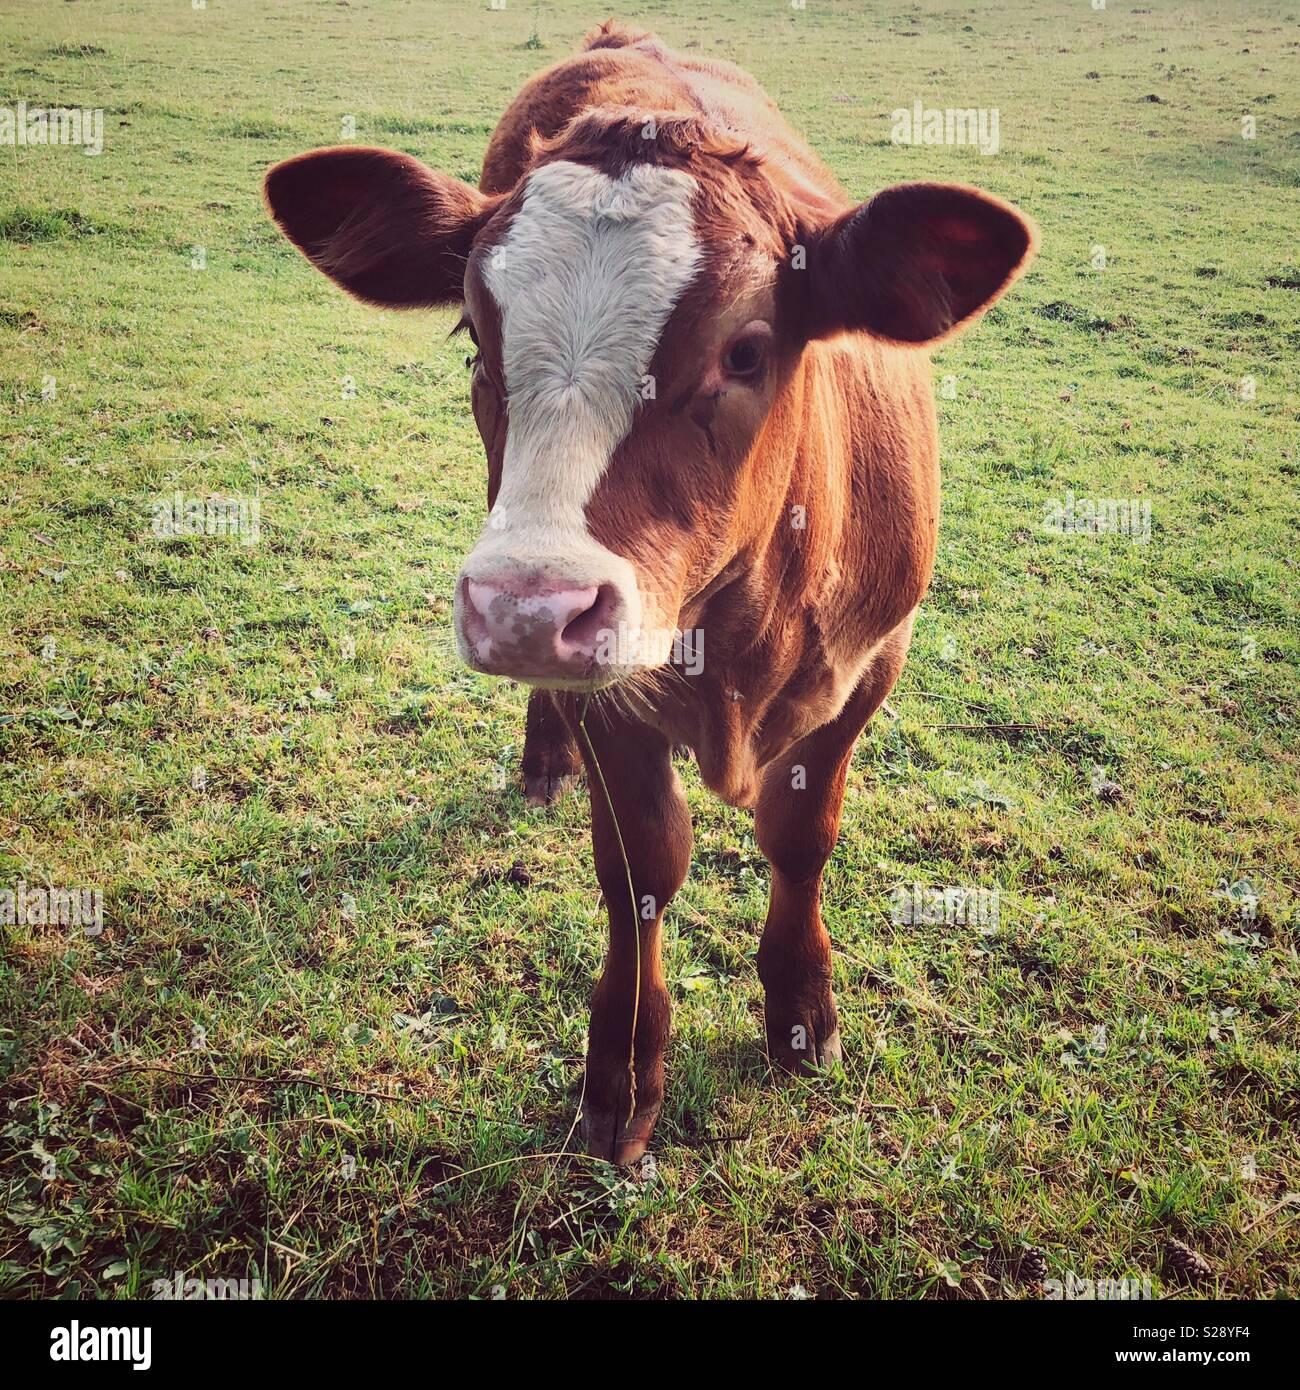 Marrone e bianco vitello in un campo al tramonto guardando la telecamera Immagini Stock